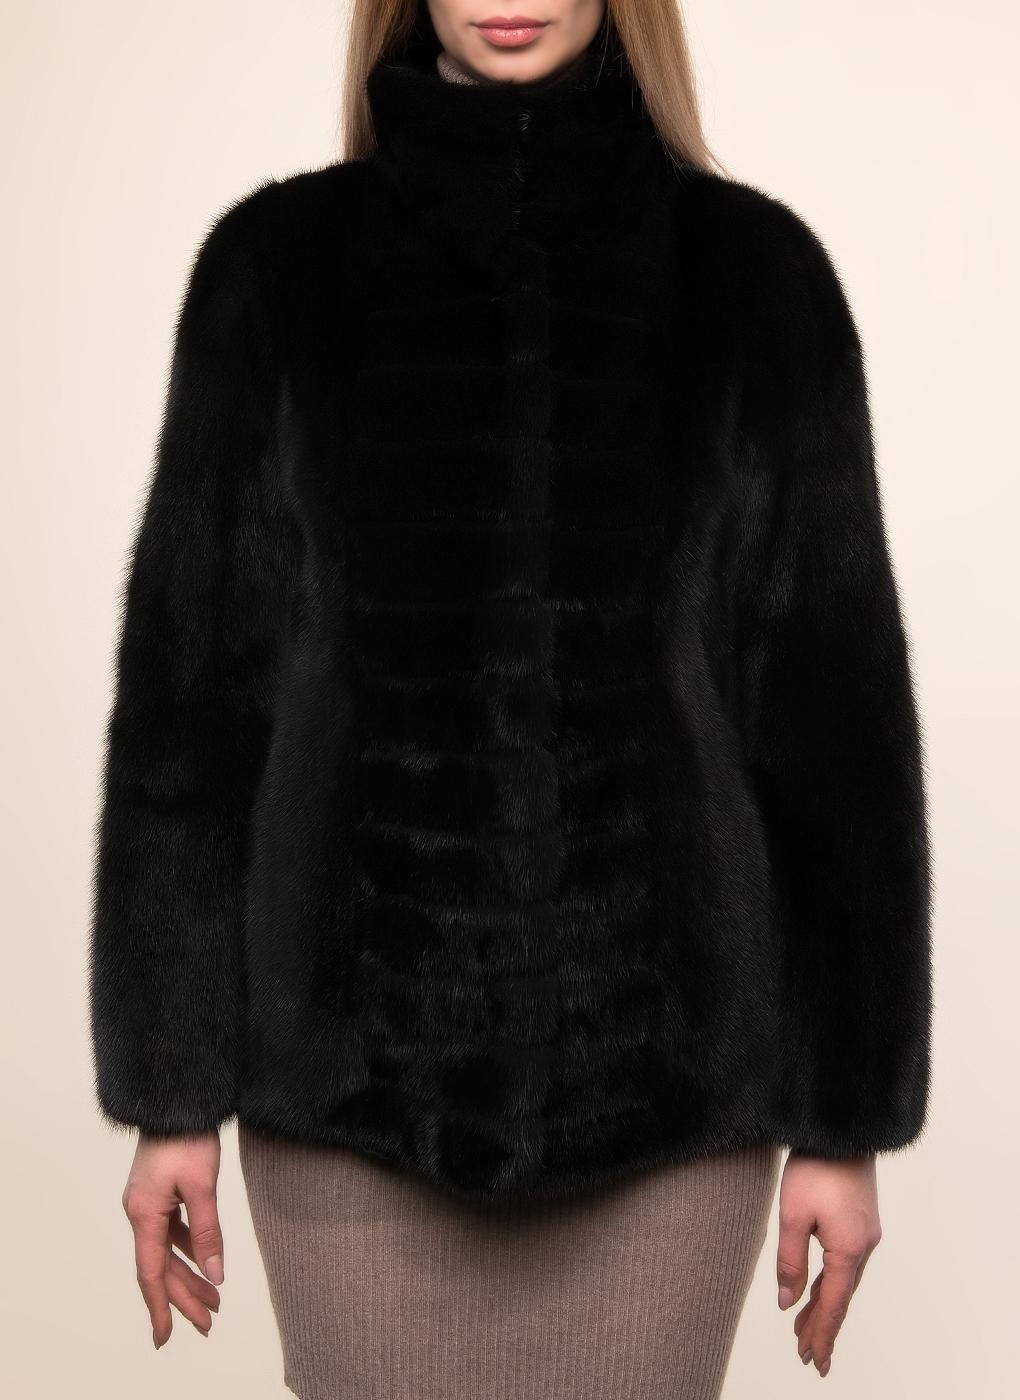 Норковая куртка Эвридика 02, КАЛЯЕВ